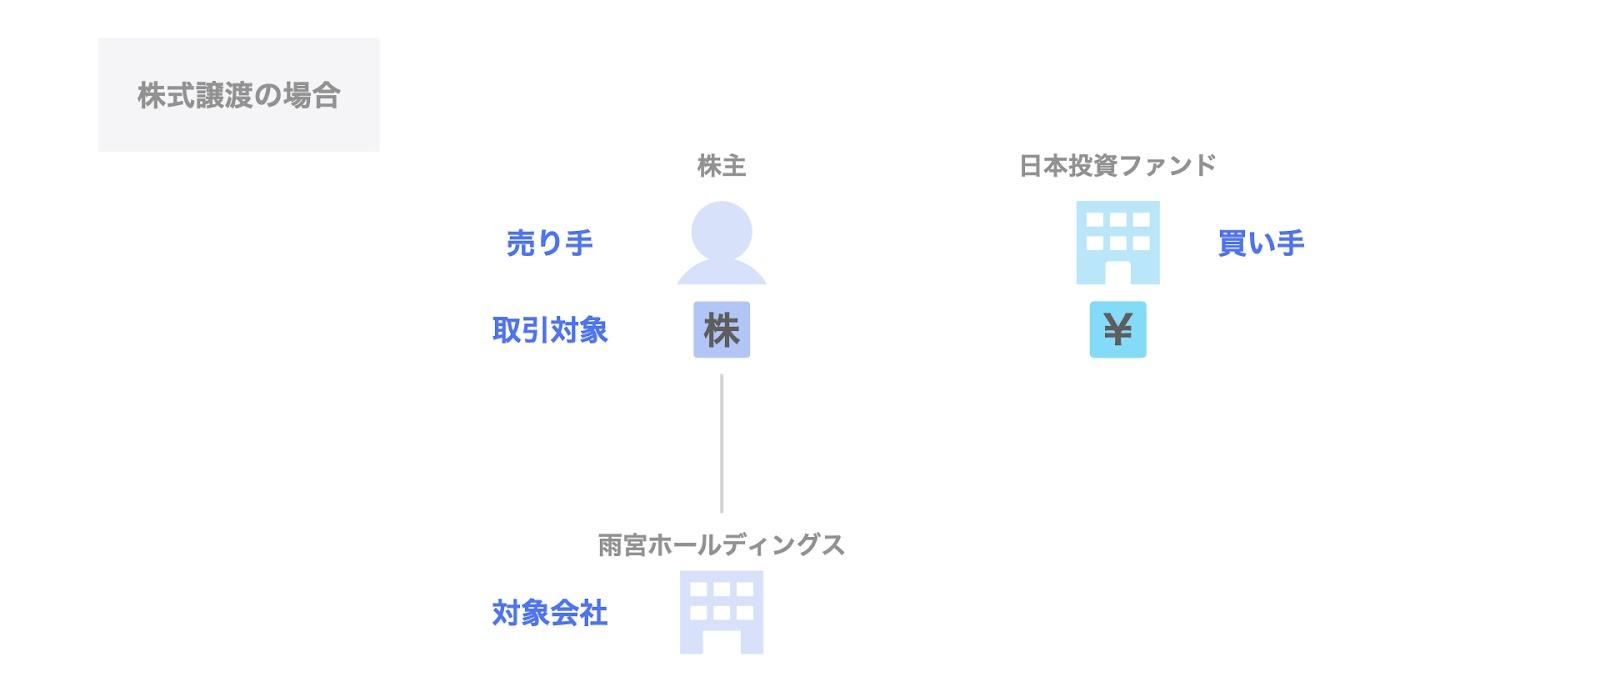 日本投資ファンドによる雨宮ホールディングスの投資事例:関係者